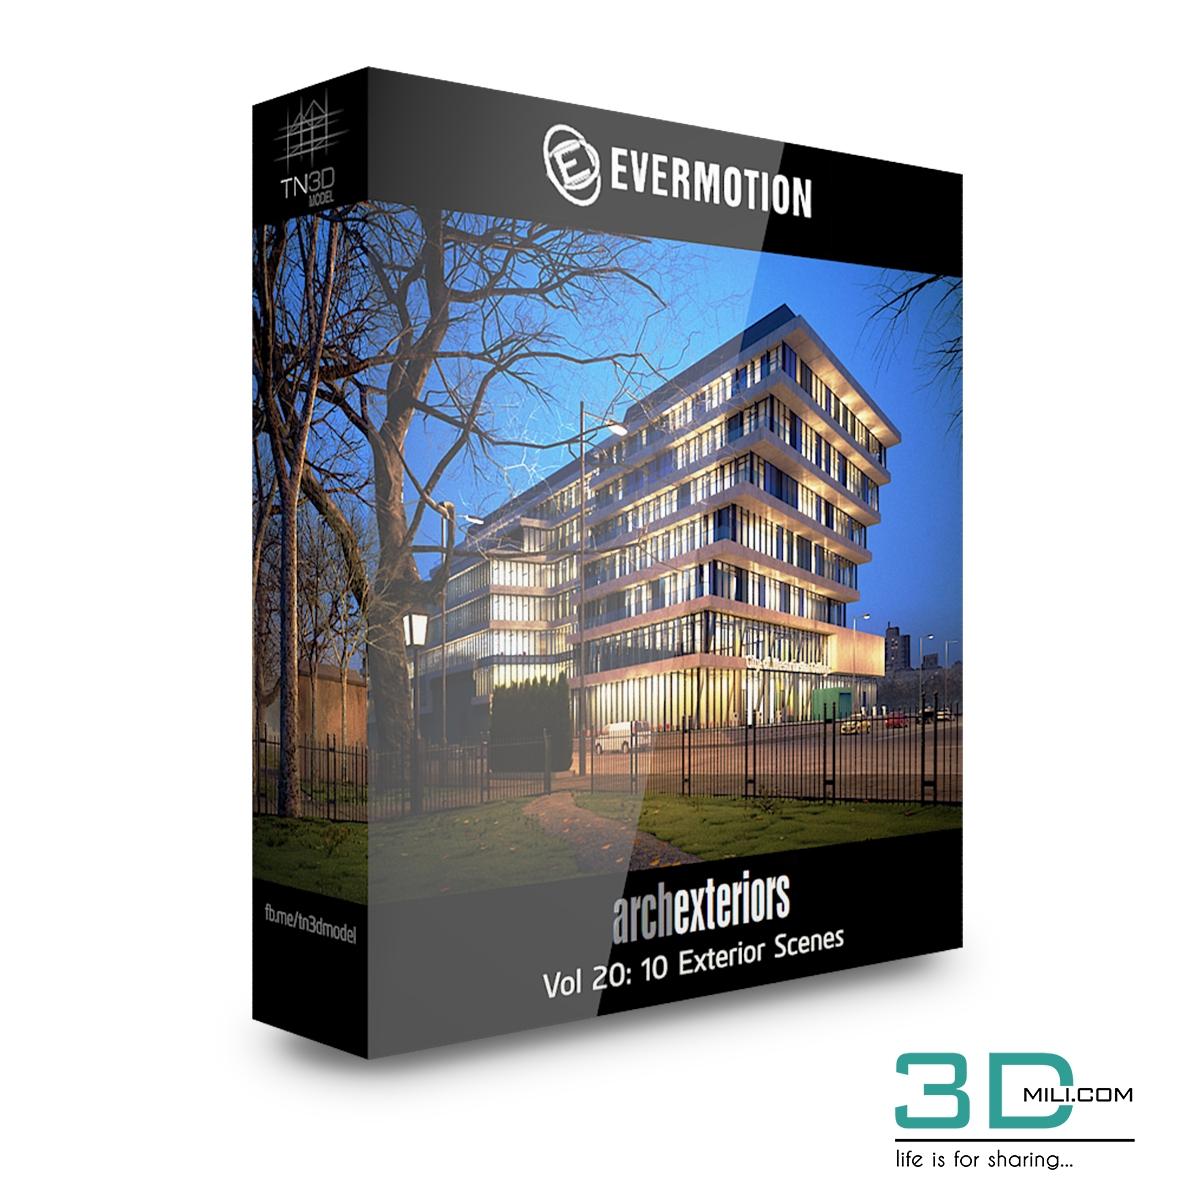 Evermotion Archexteriors Vol 20: 10 Exterior Scenes - 3D